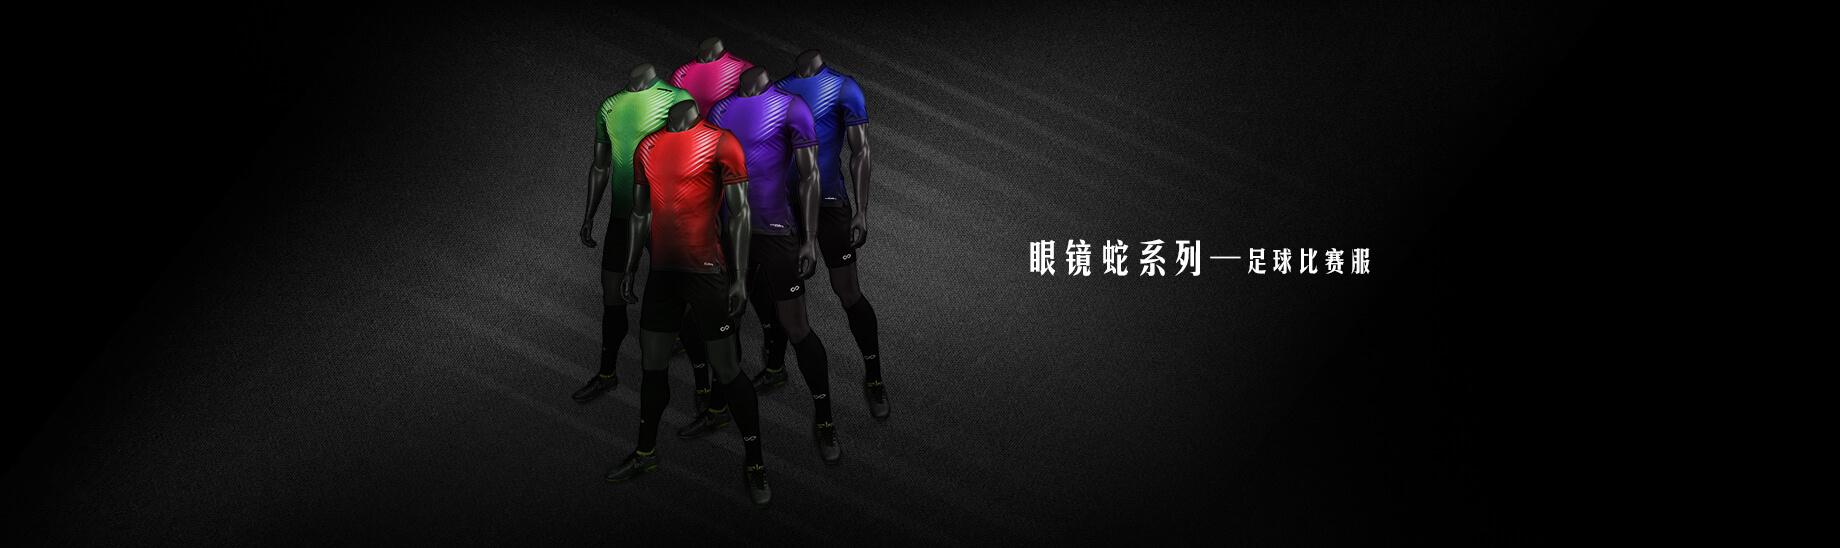 眼鏡蛇系列足球比賽服